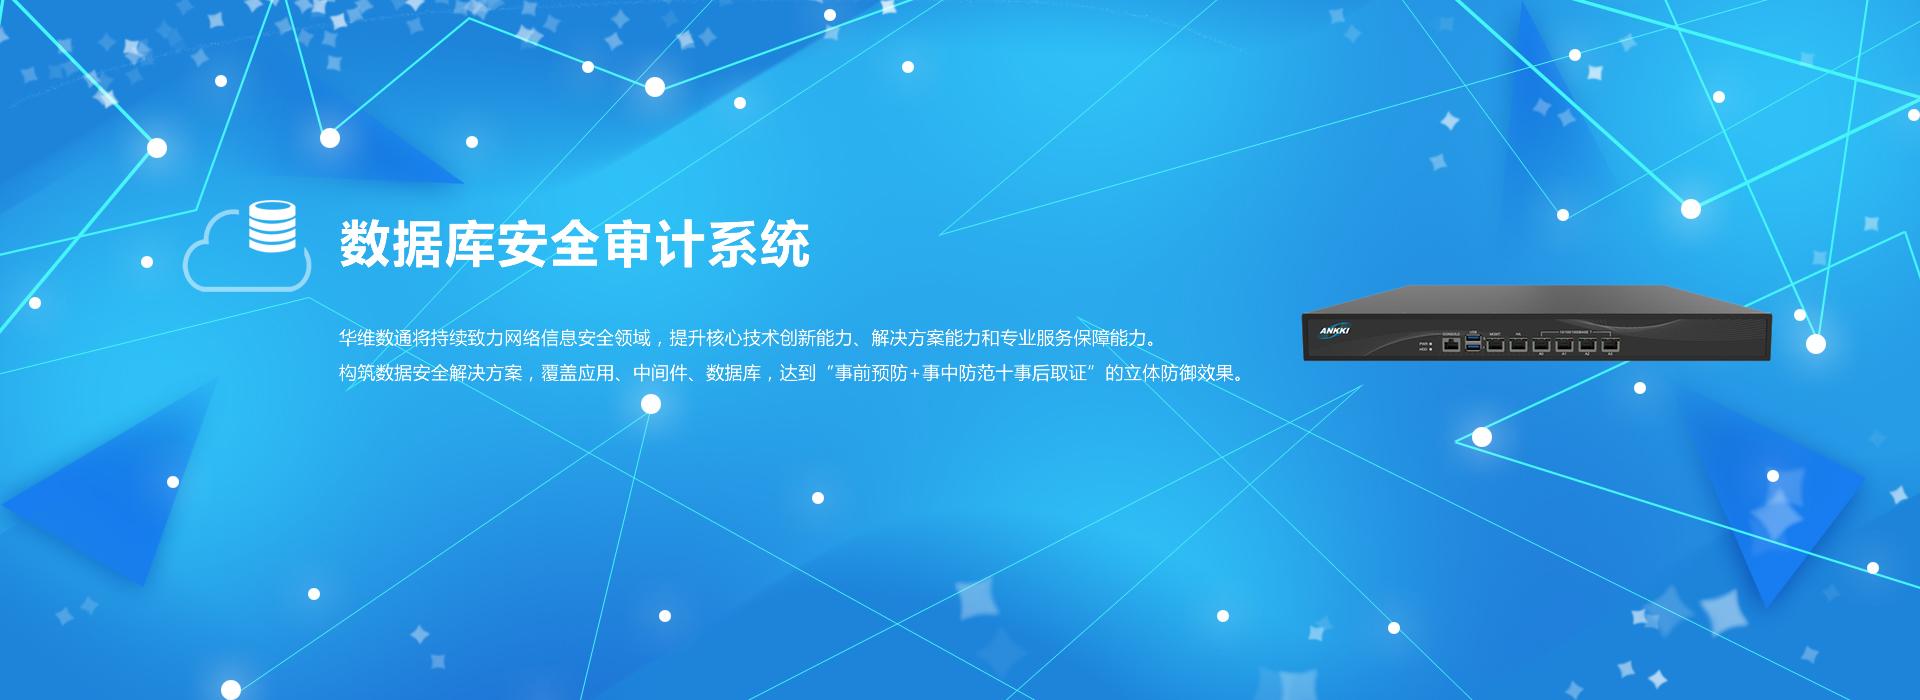 深圳光闸经销商